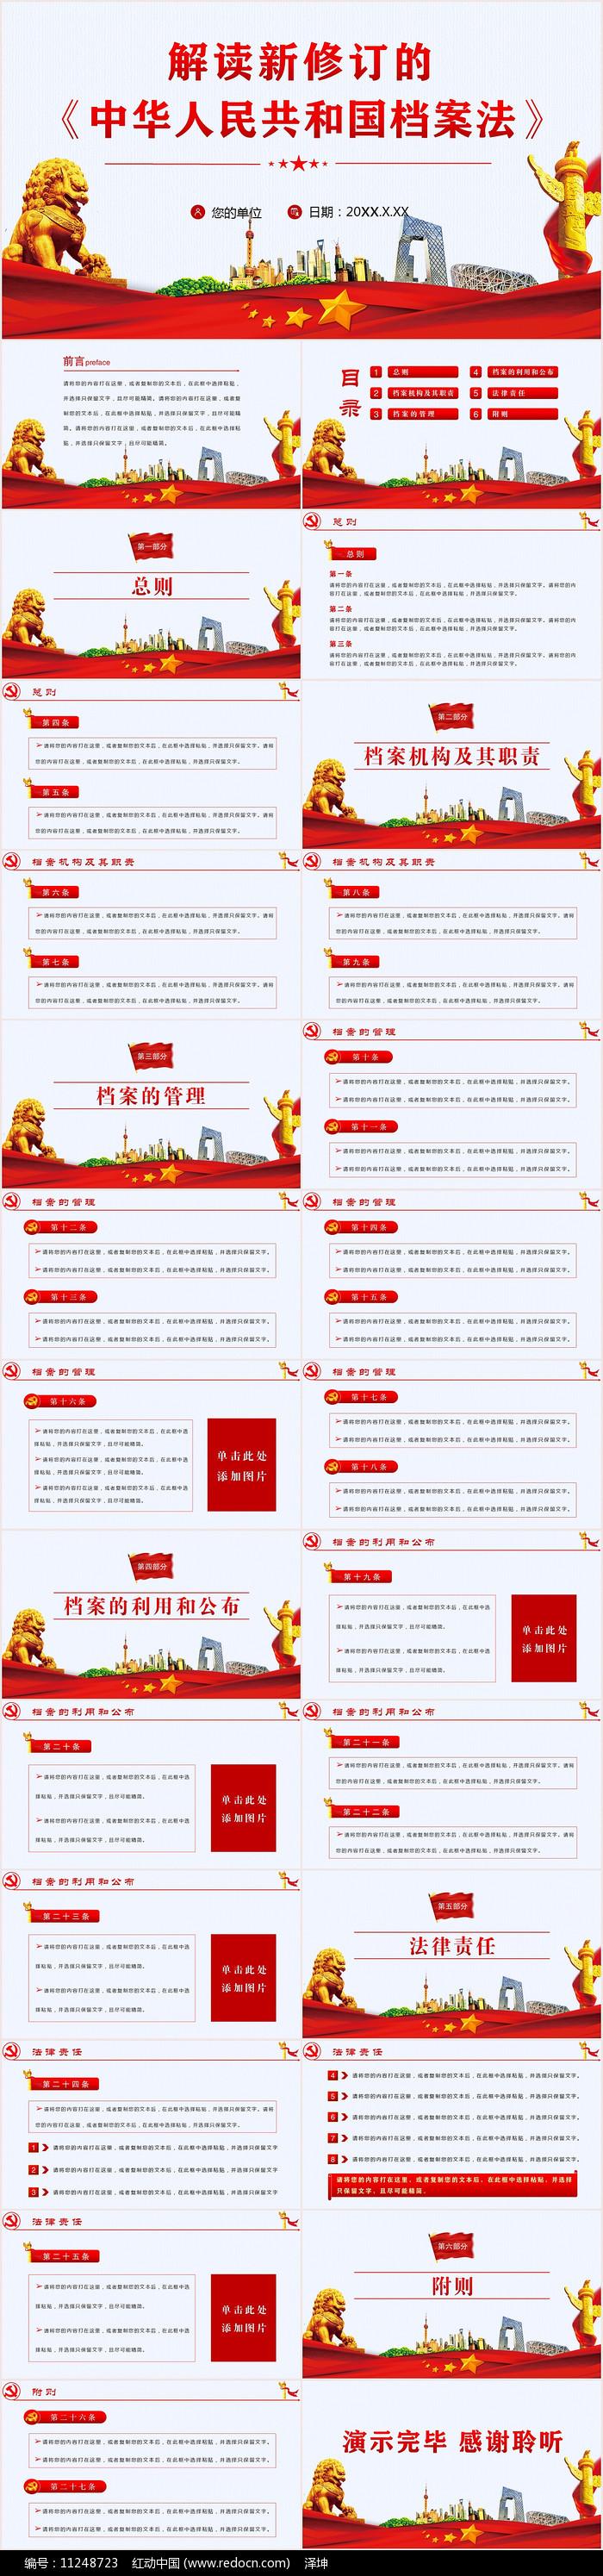 中华人民共和国档案法PPT